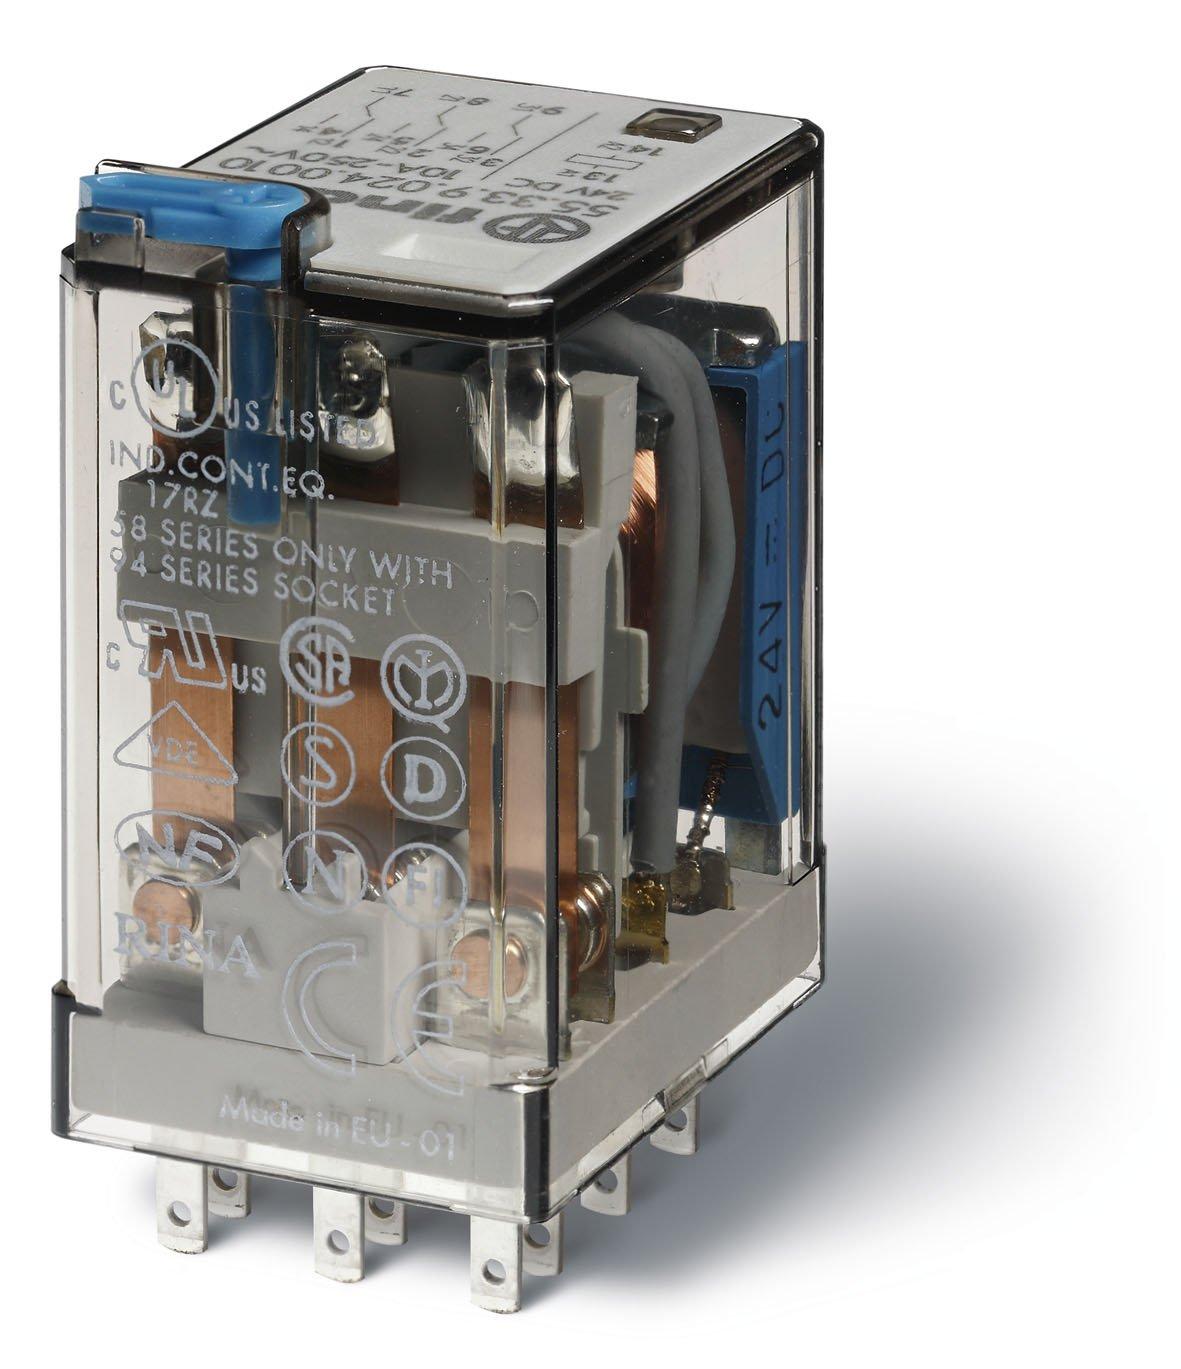 Finder serie 55 - Rele industrial 24vac 3 contactos 10a pulsador